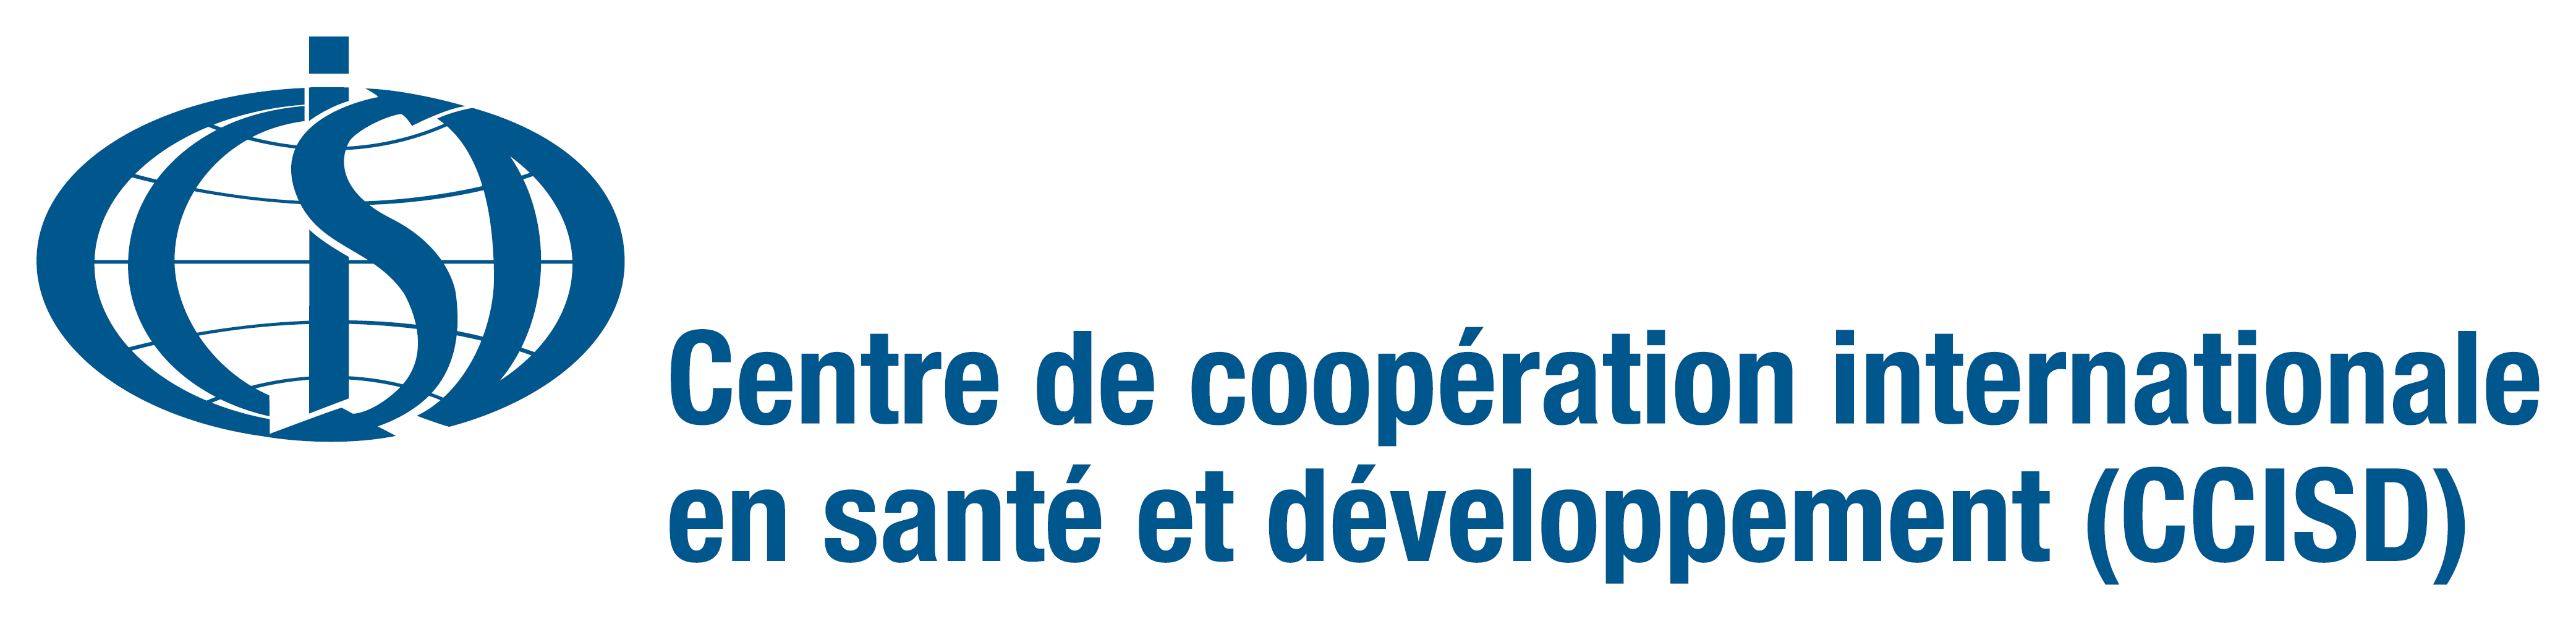 Centre de coopération internationale en santé et développement (CCISD) - Logo